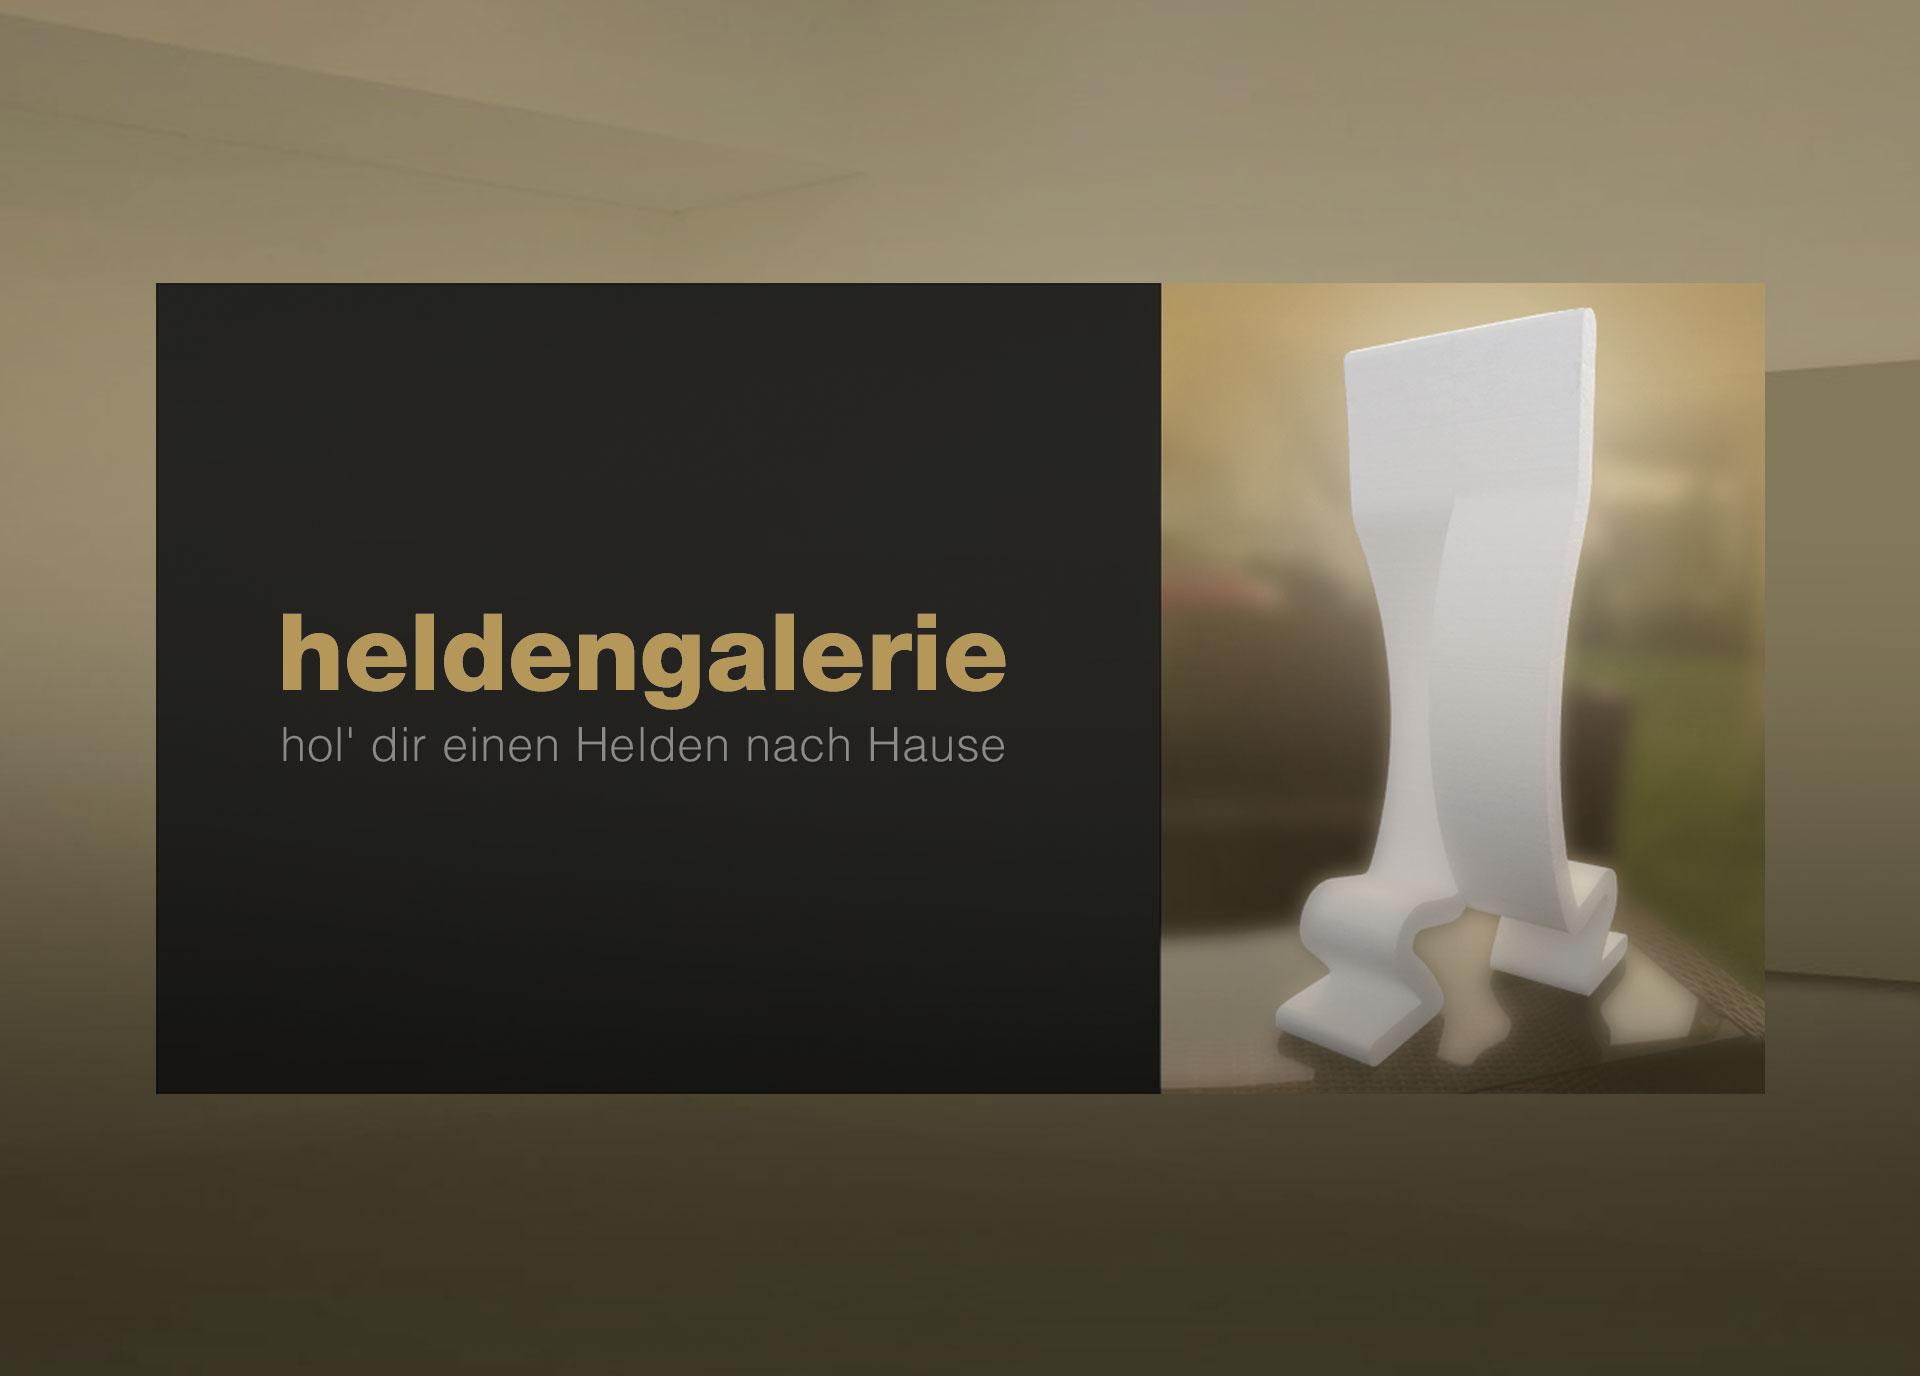 Heldengalerie-Pres-Web-01-1.jpg